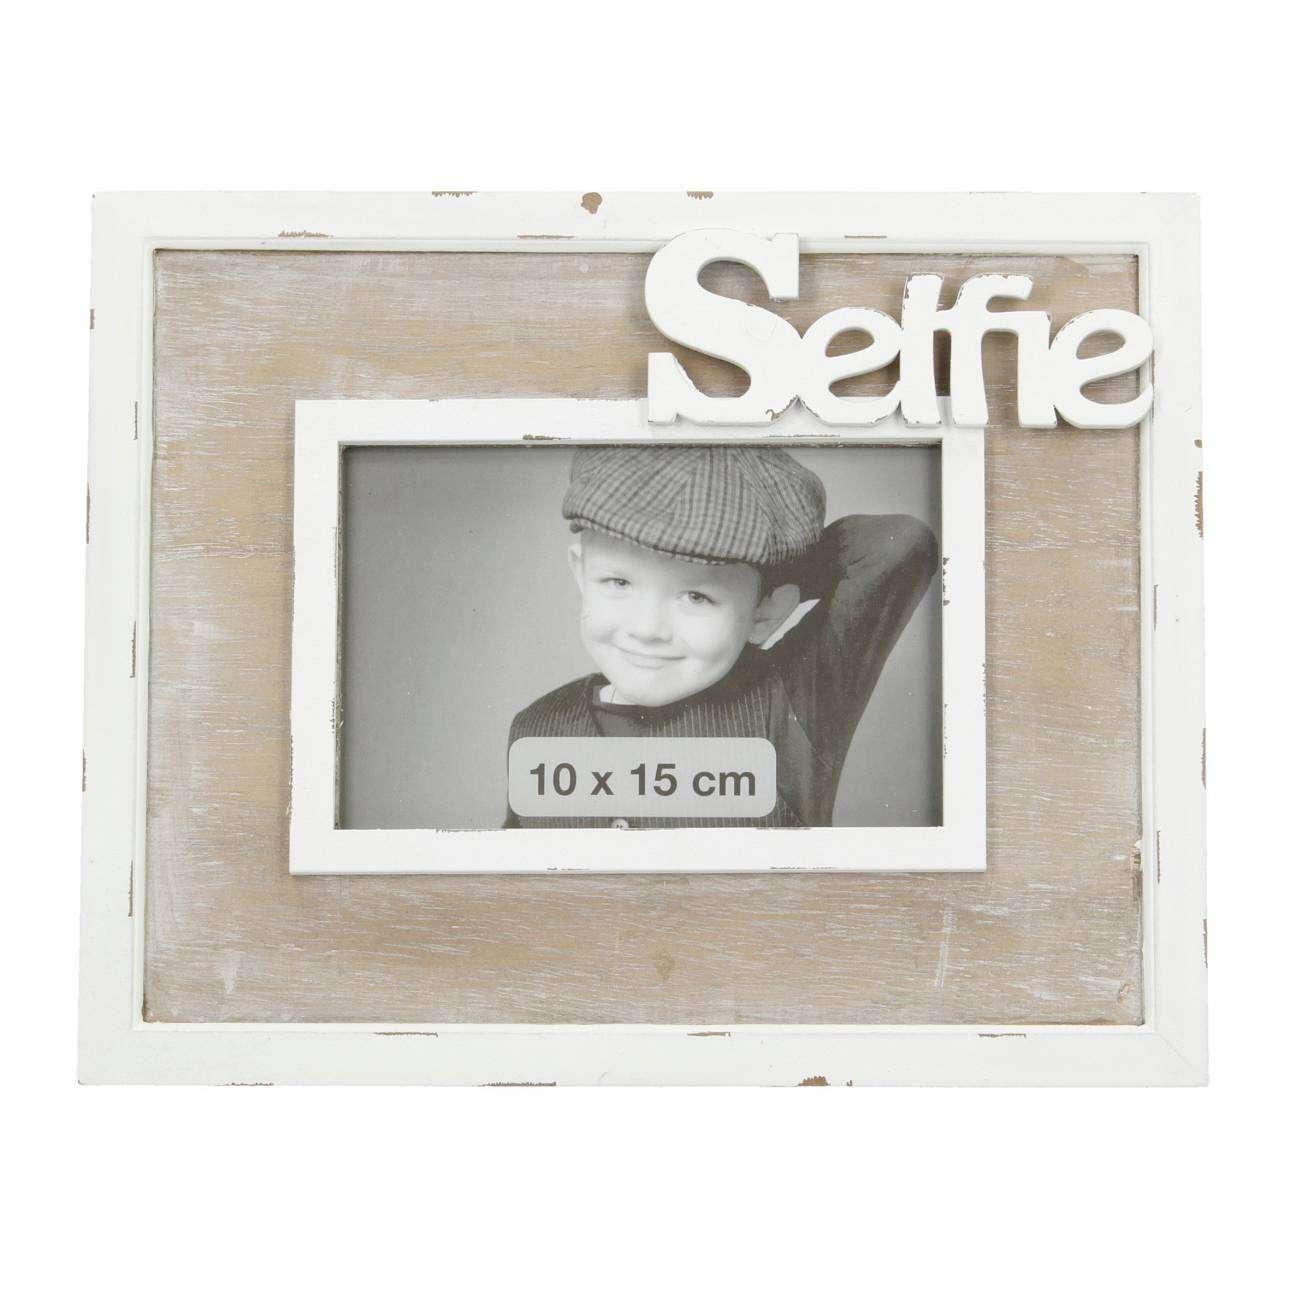 Ramka na zdjęcie Selfie pozioma 10x15cm